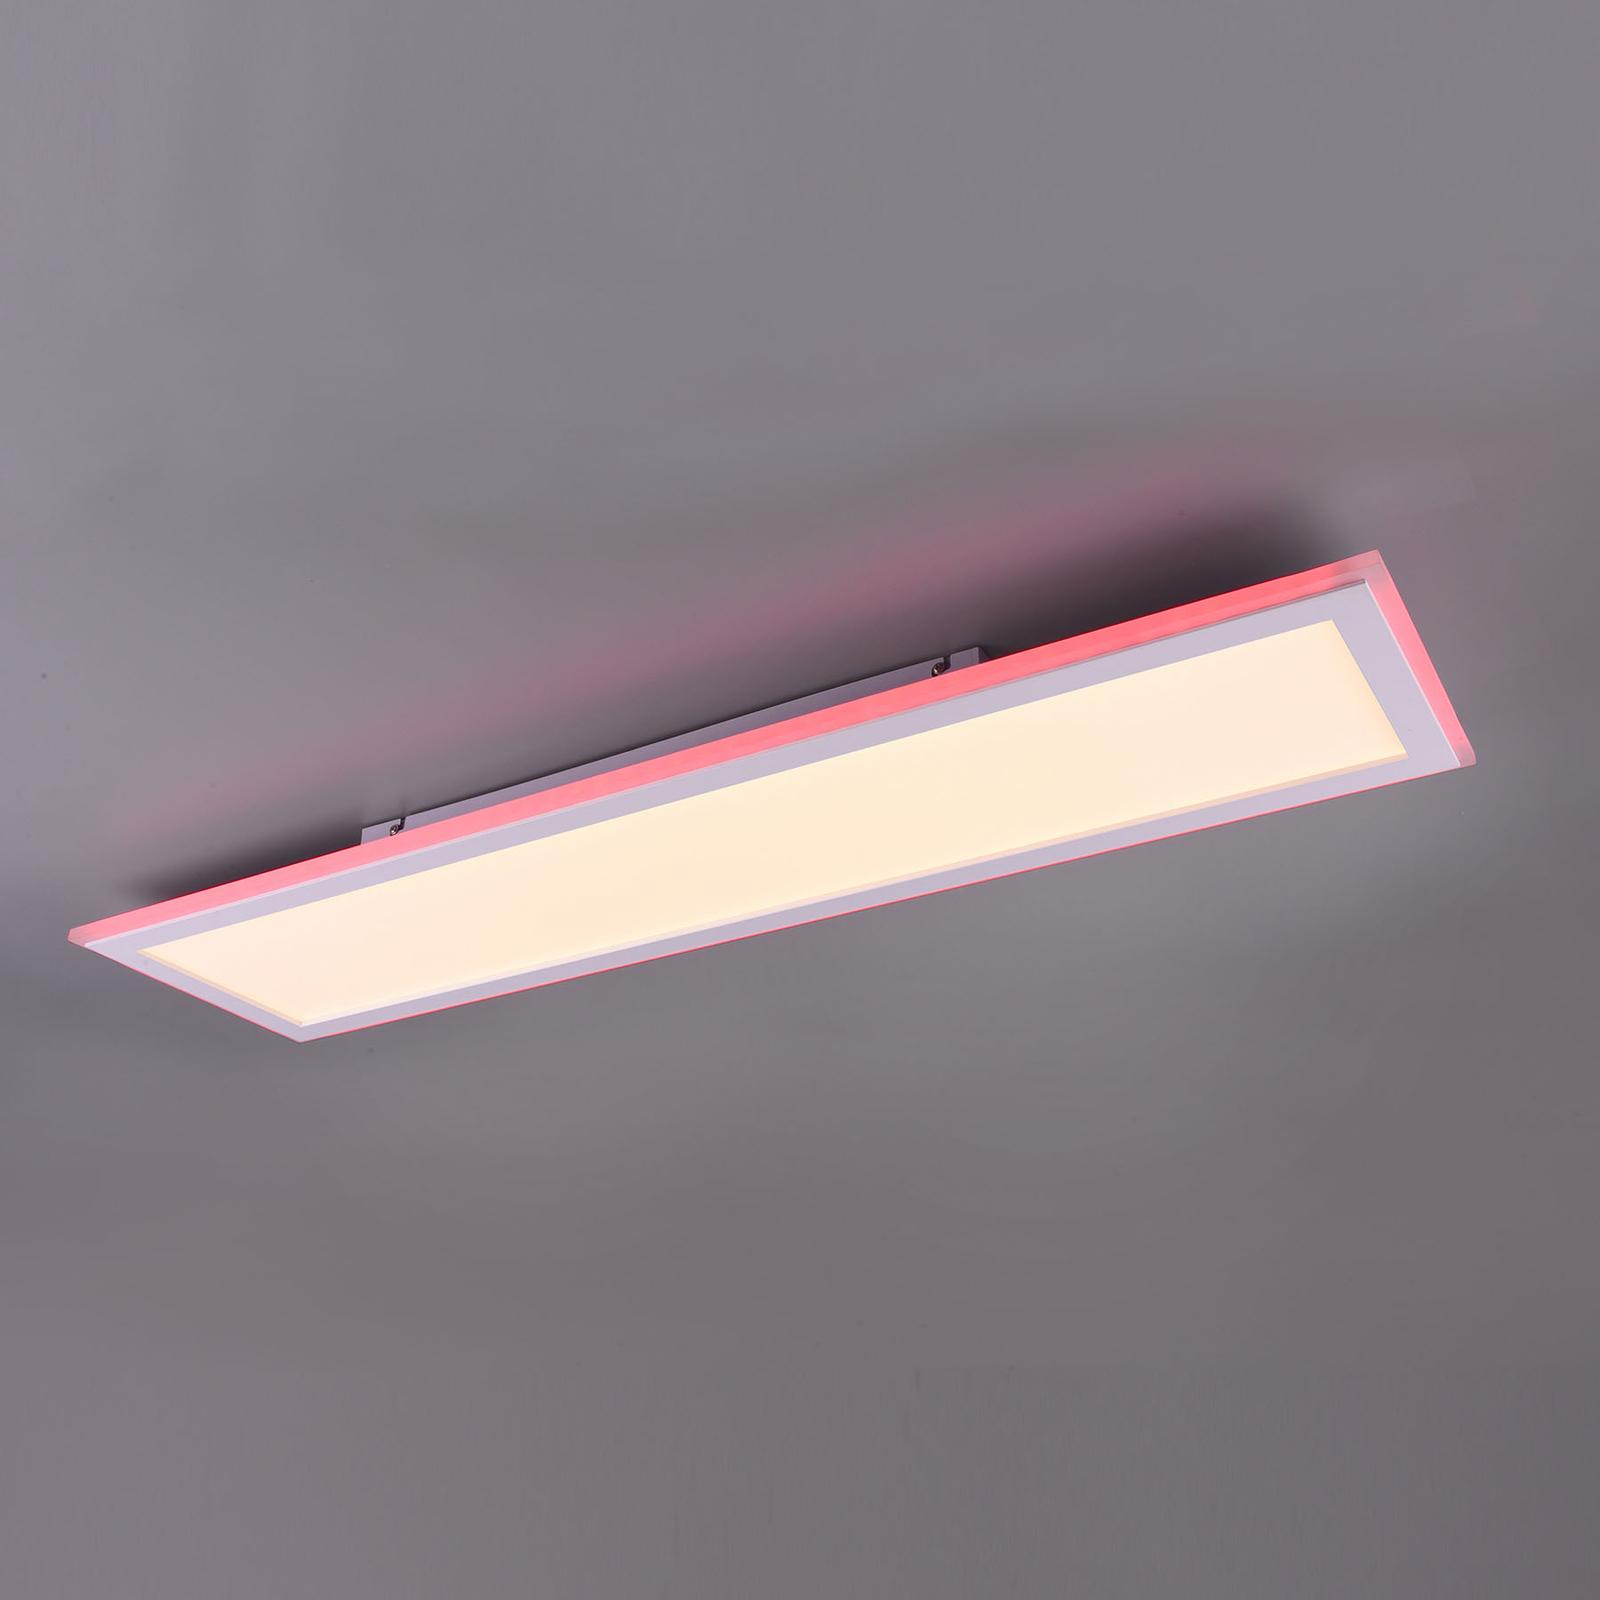 LED-paneeli Columbia RGBW, kaukosäädin, 100x25 cm